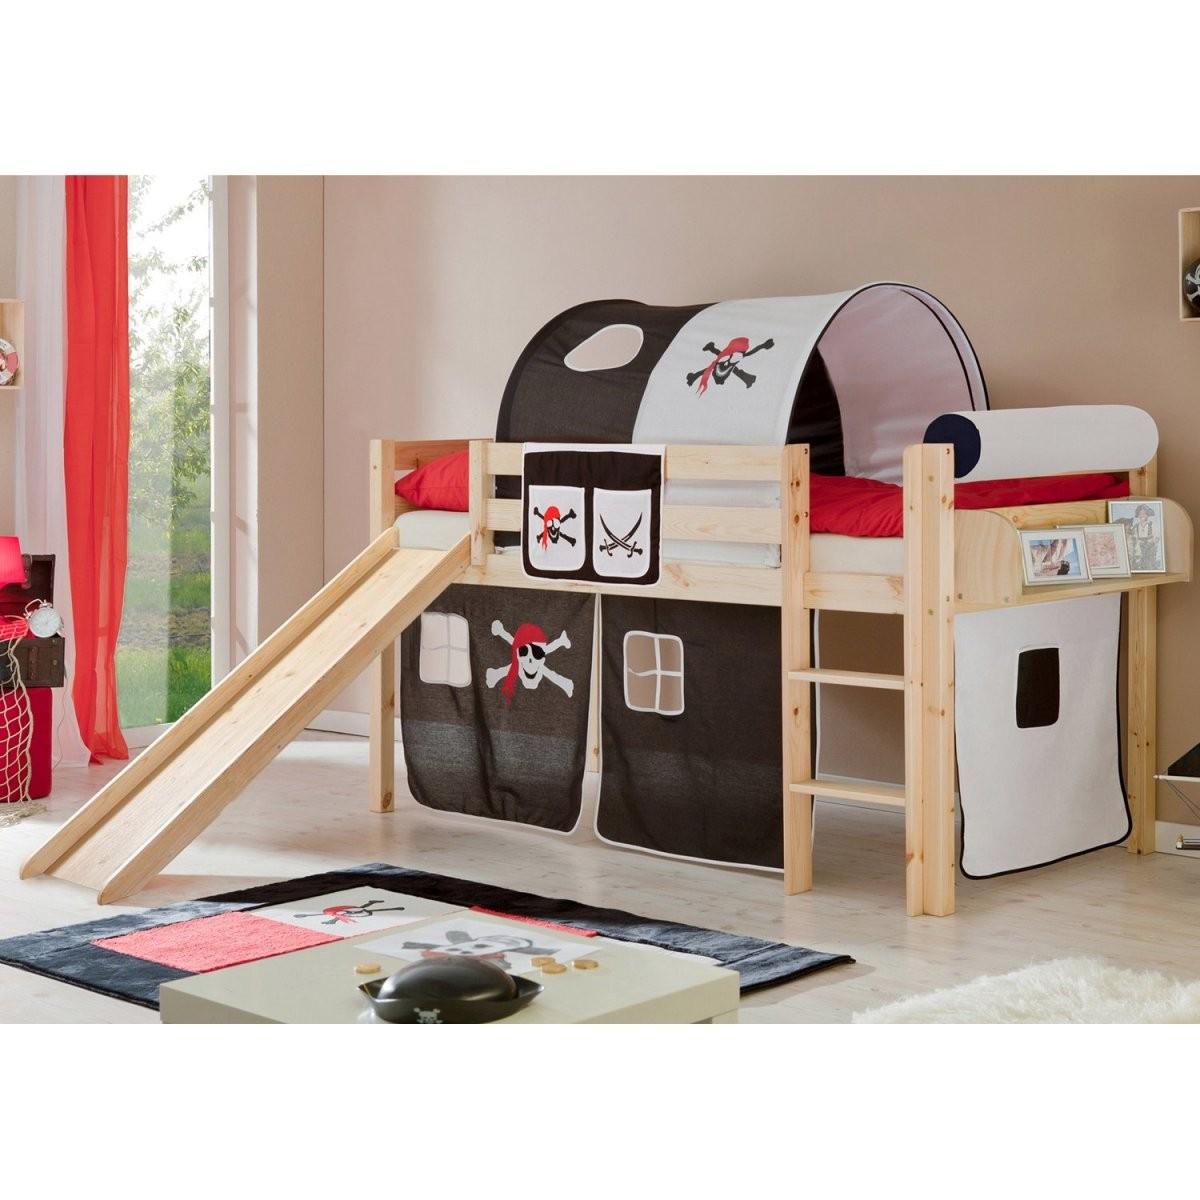 Hochbetten Online Kaufen Bei Obi  Obi von Kinderhochbett Mit Rutsche Günstig Kaufen Bild